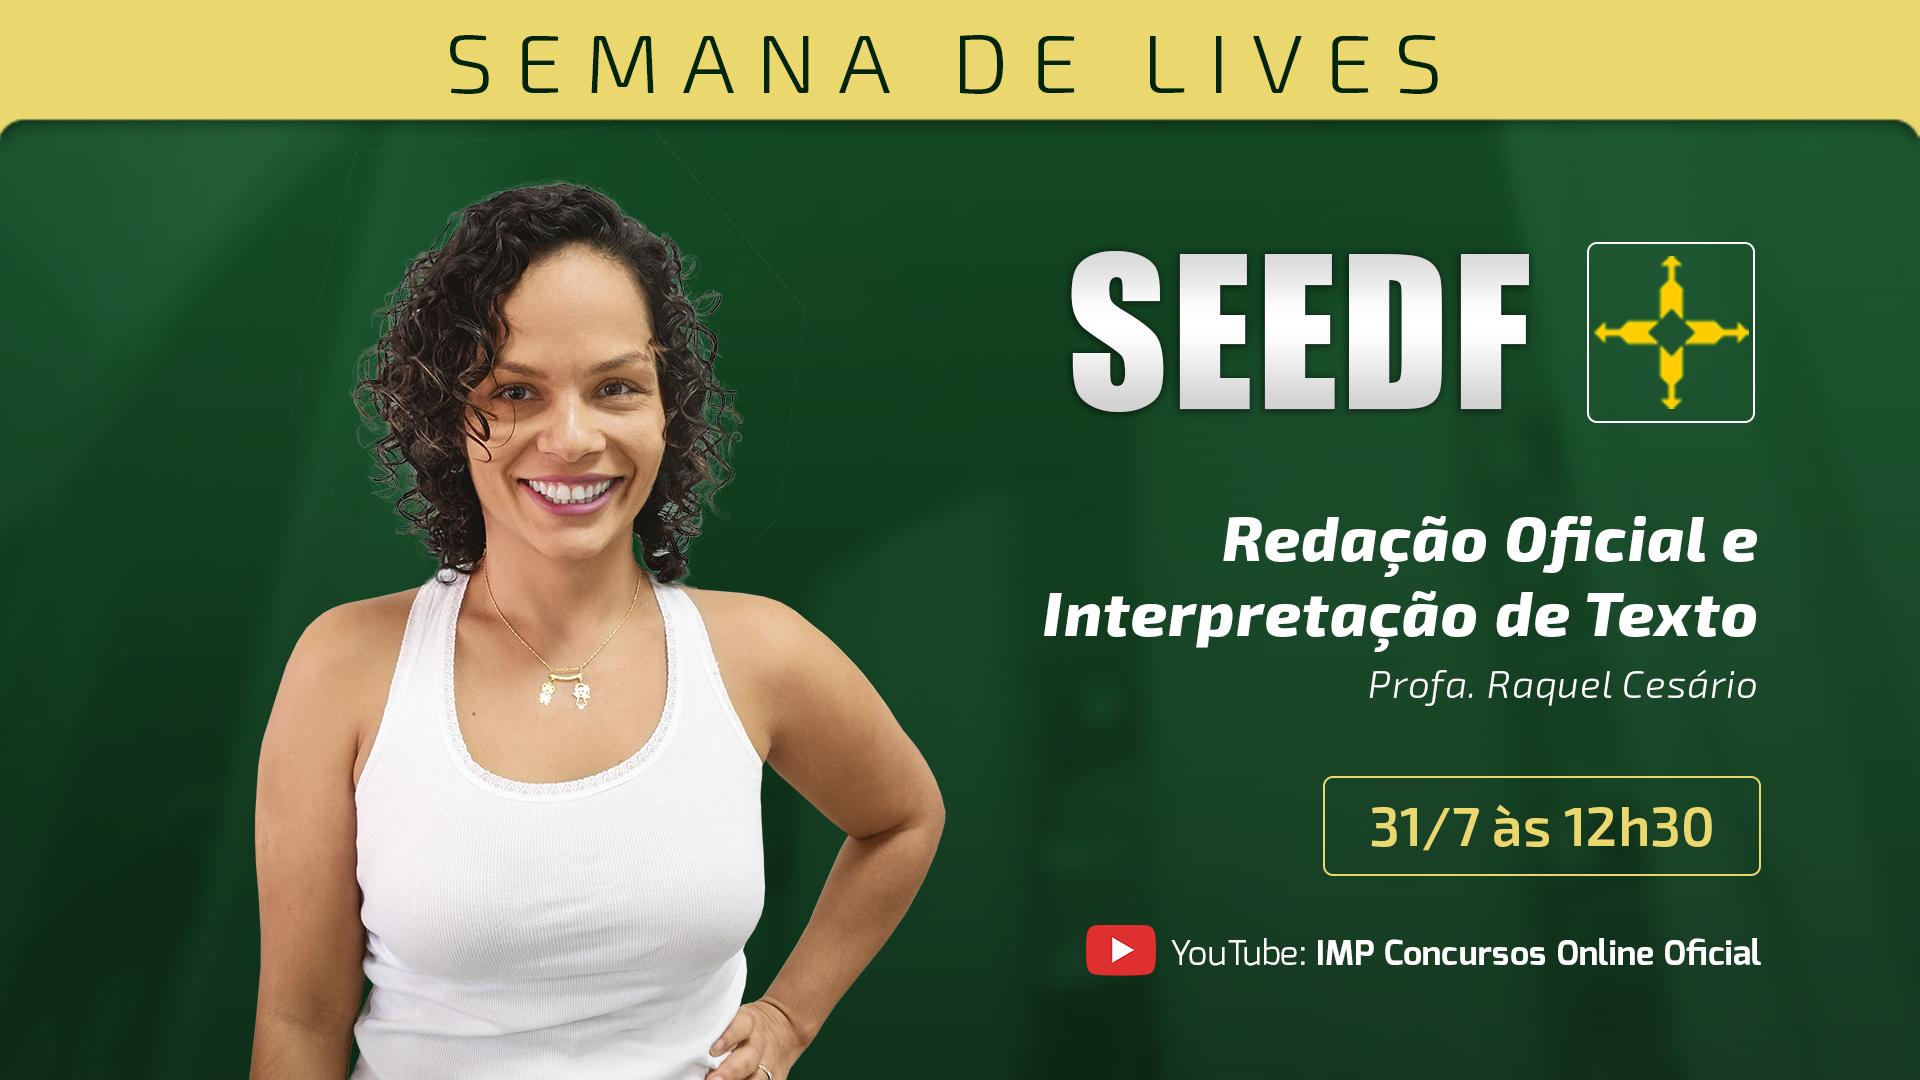 Semana de lançamento SEEDF - Redação Oficial e Interpretação de Texto